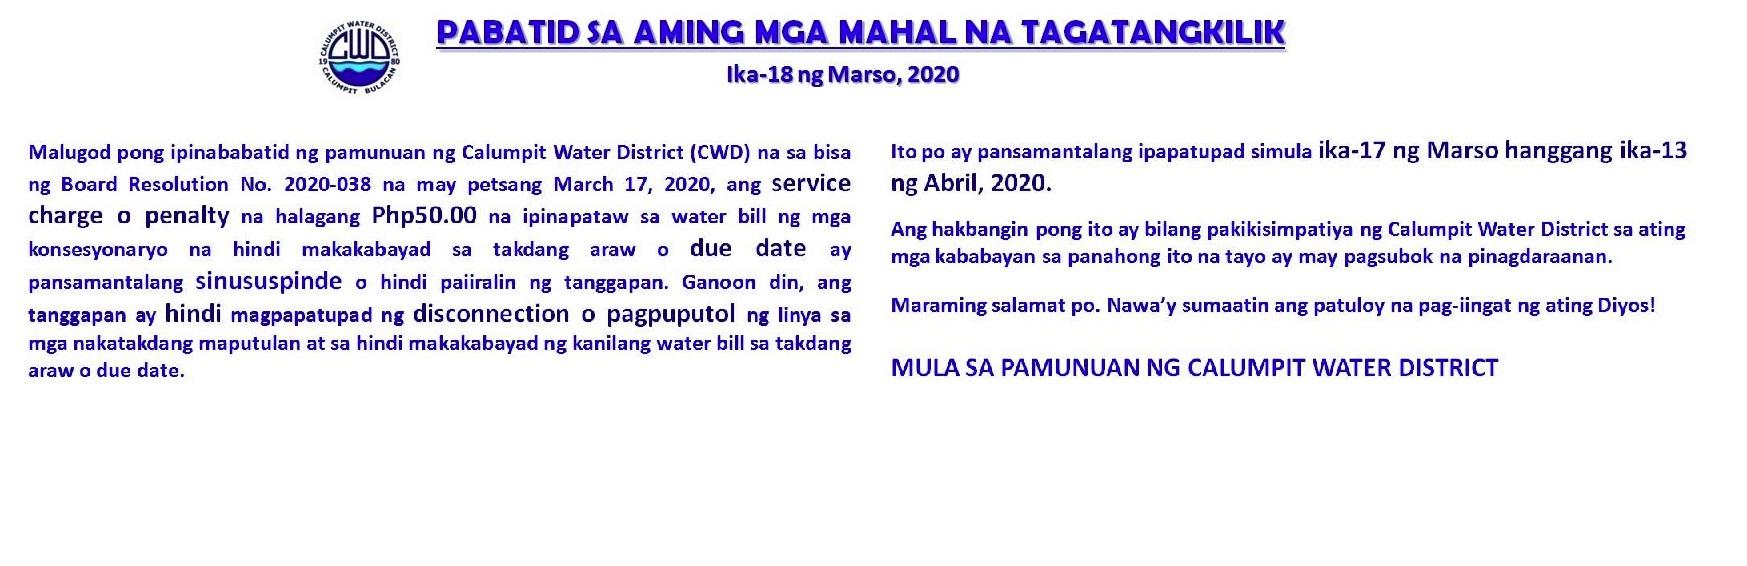 Pabatid Sa Aming Mga Mahal Na Tagatangkilik No. 2 Marso 18, 2020 for banner